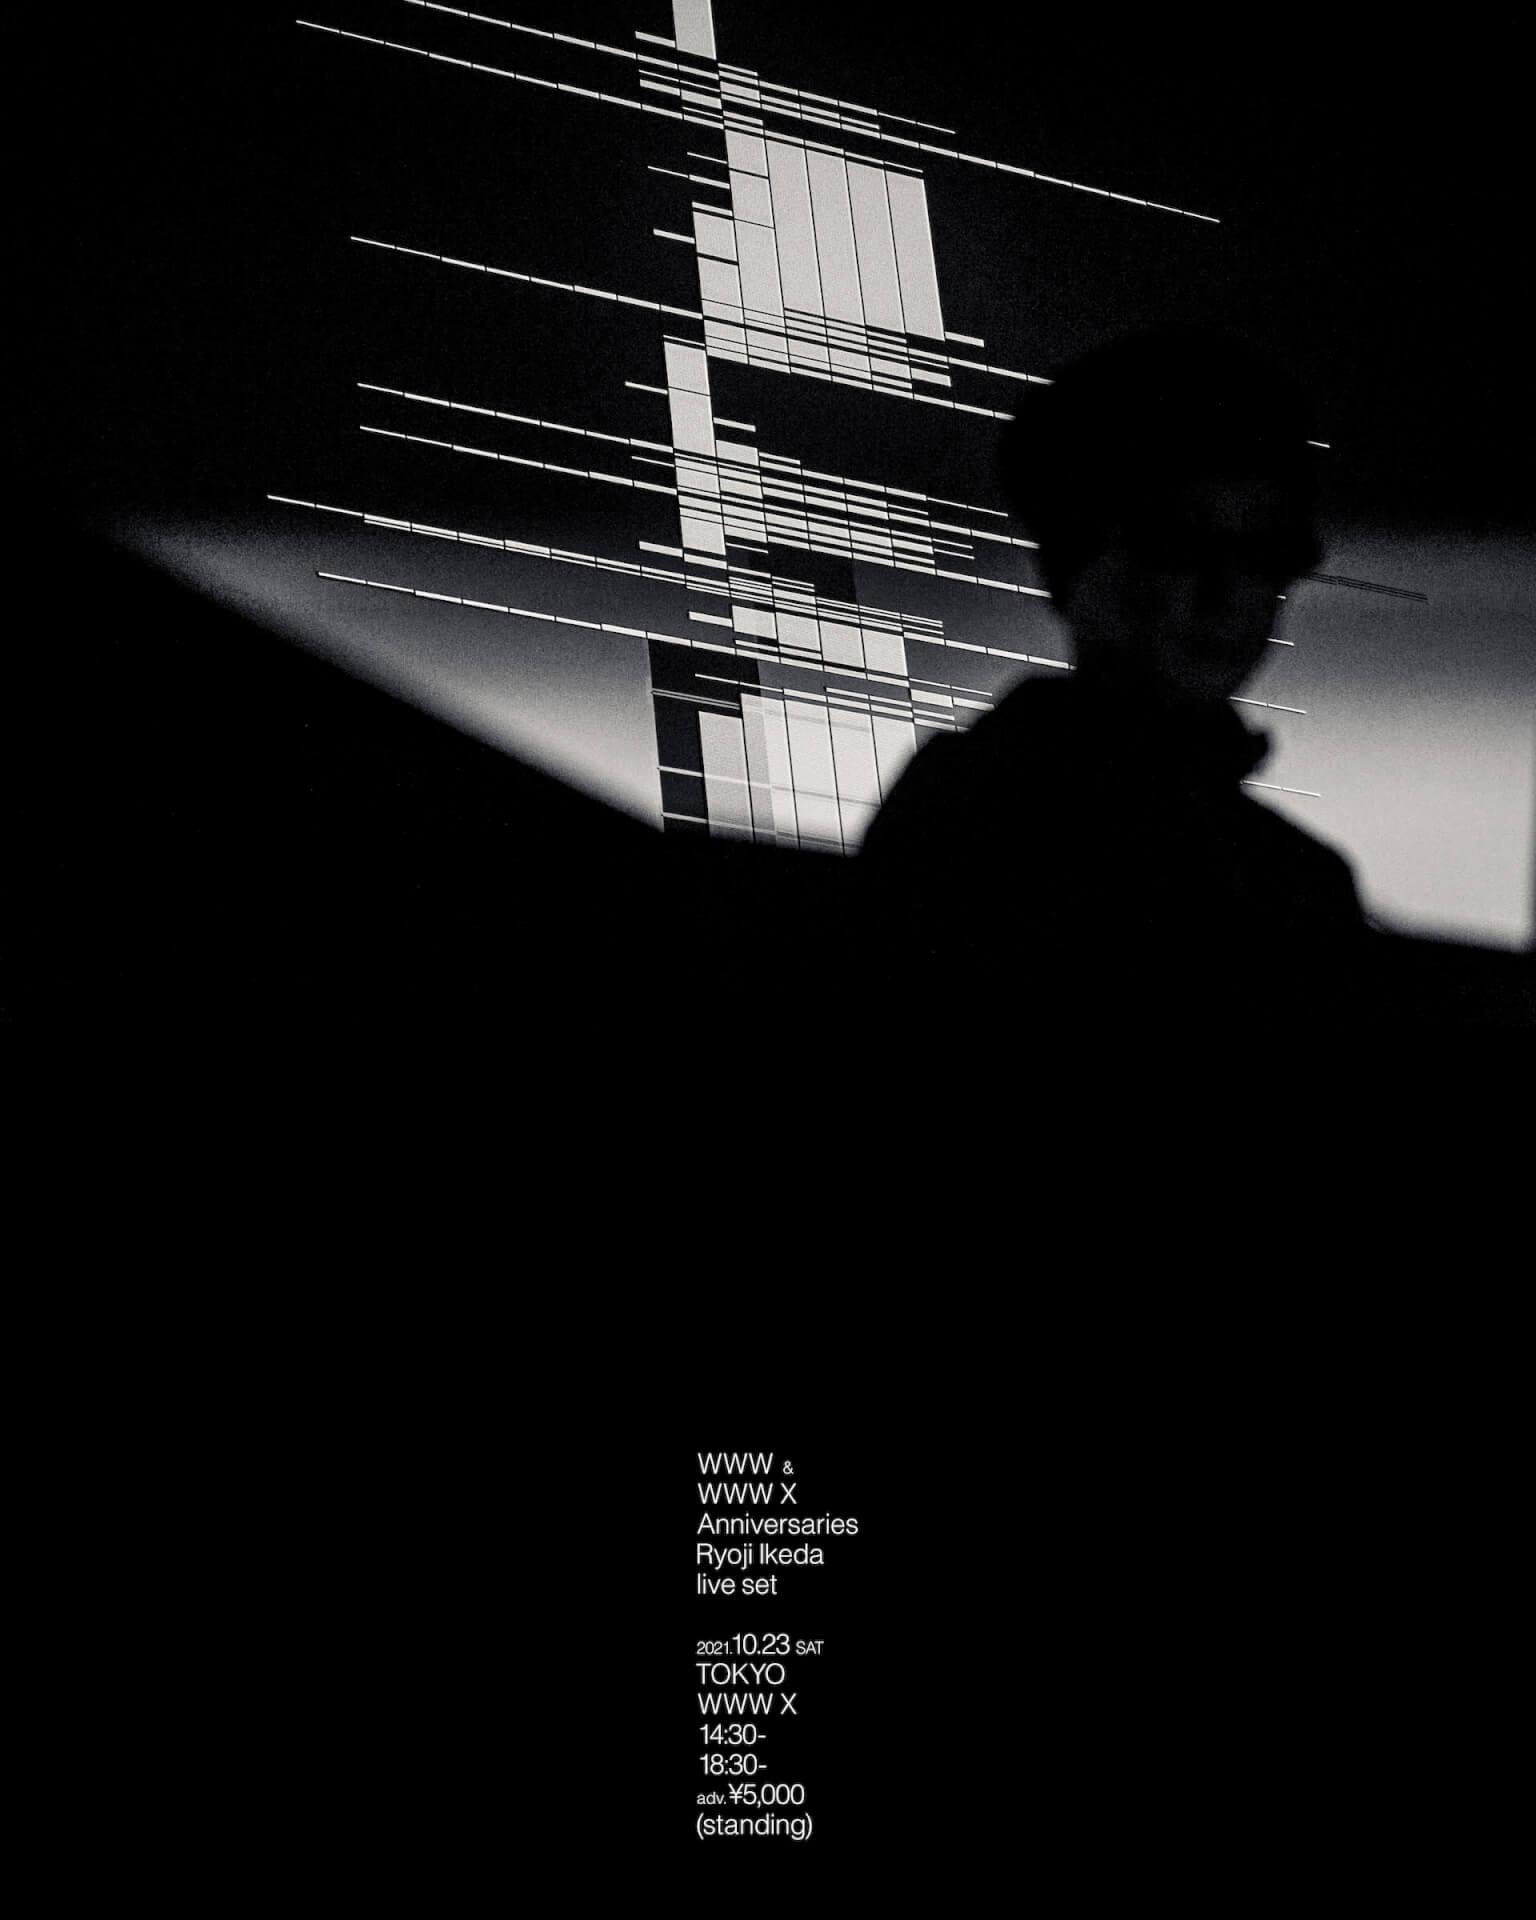 池田亮司のプロジェクト「superposition」のサントラCDとブックレットが999部限定リリース決定!発売記念公演もWWWで開催 music210922_ryojiikeda_2